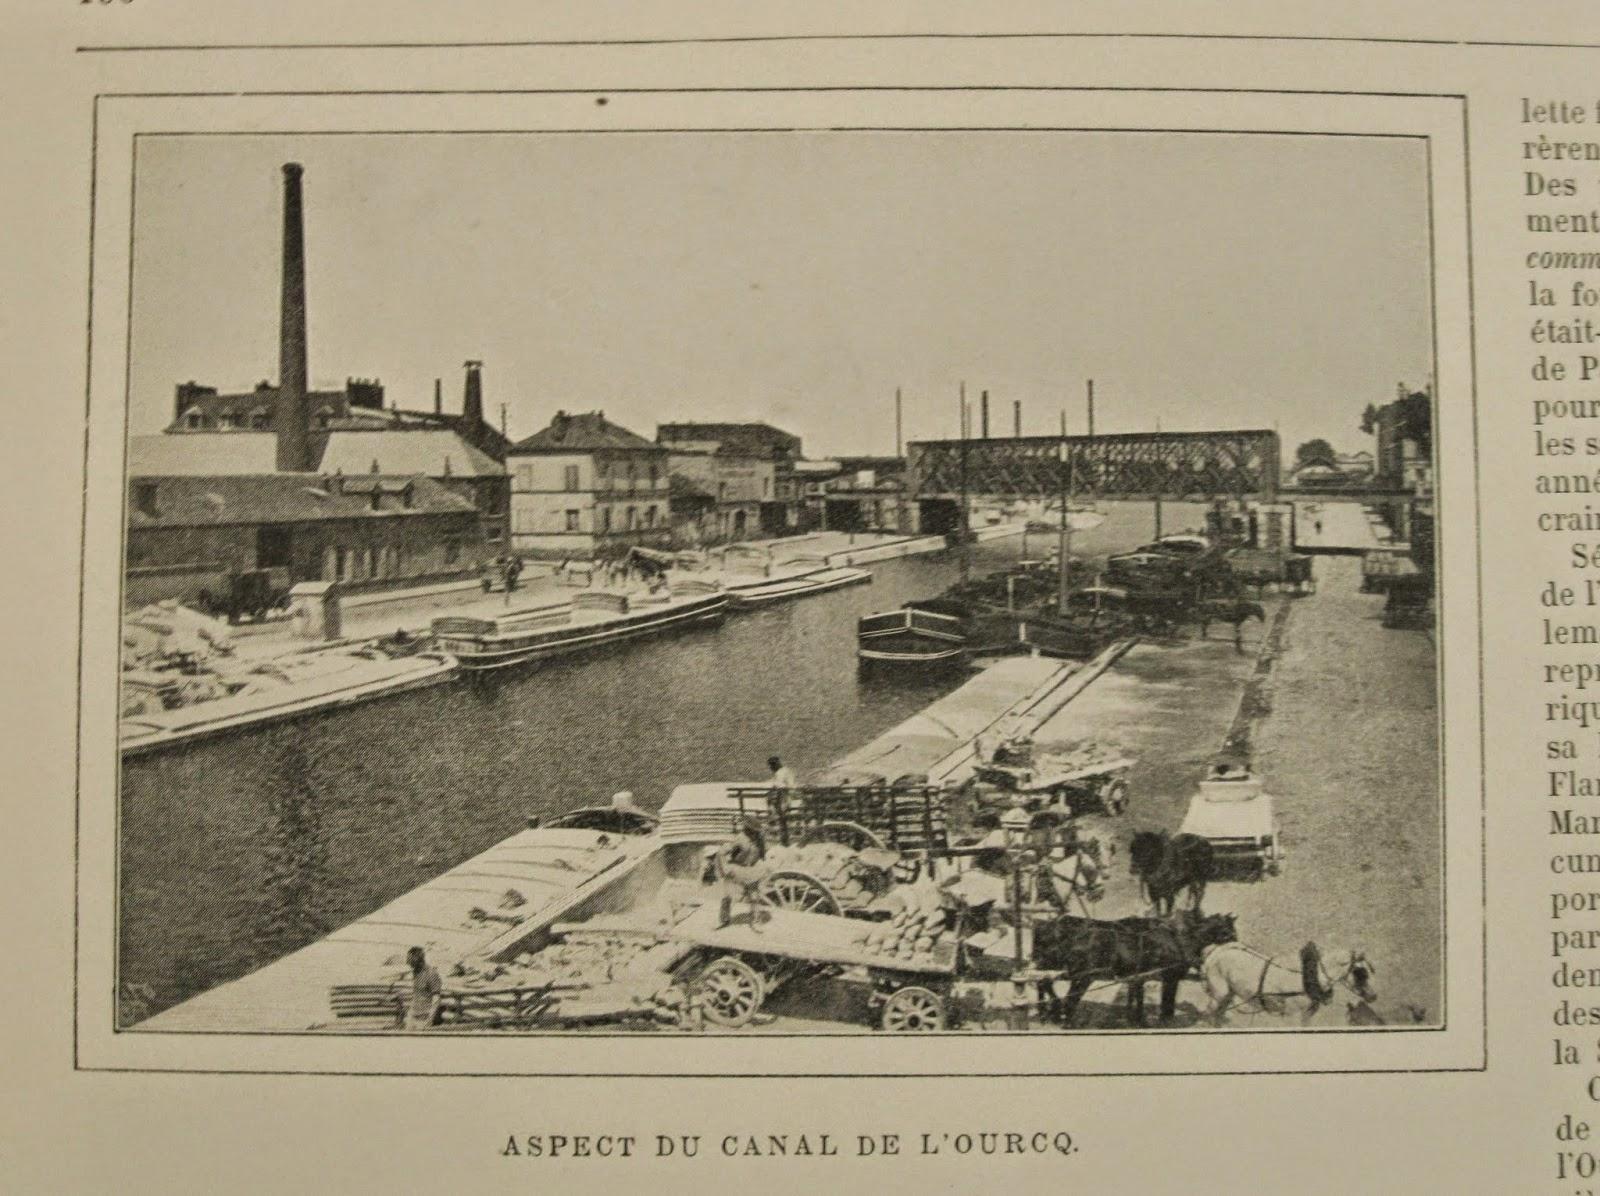 Bournon Paris Atlas 19e Larousse canal ourcq